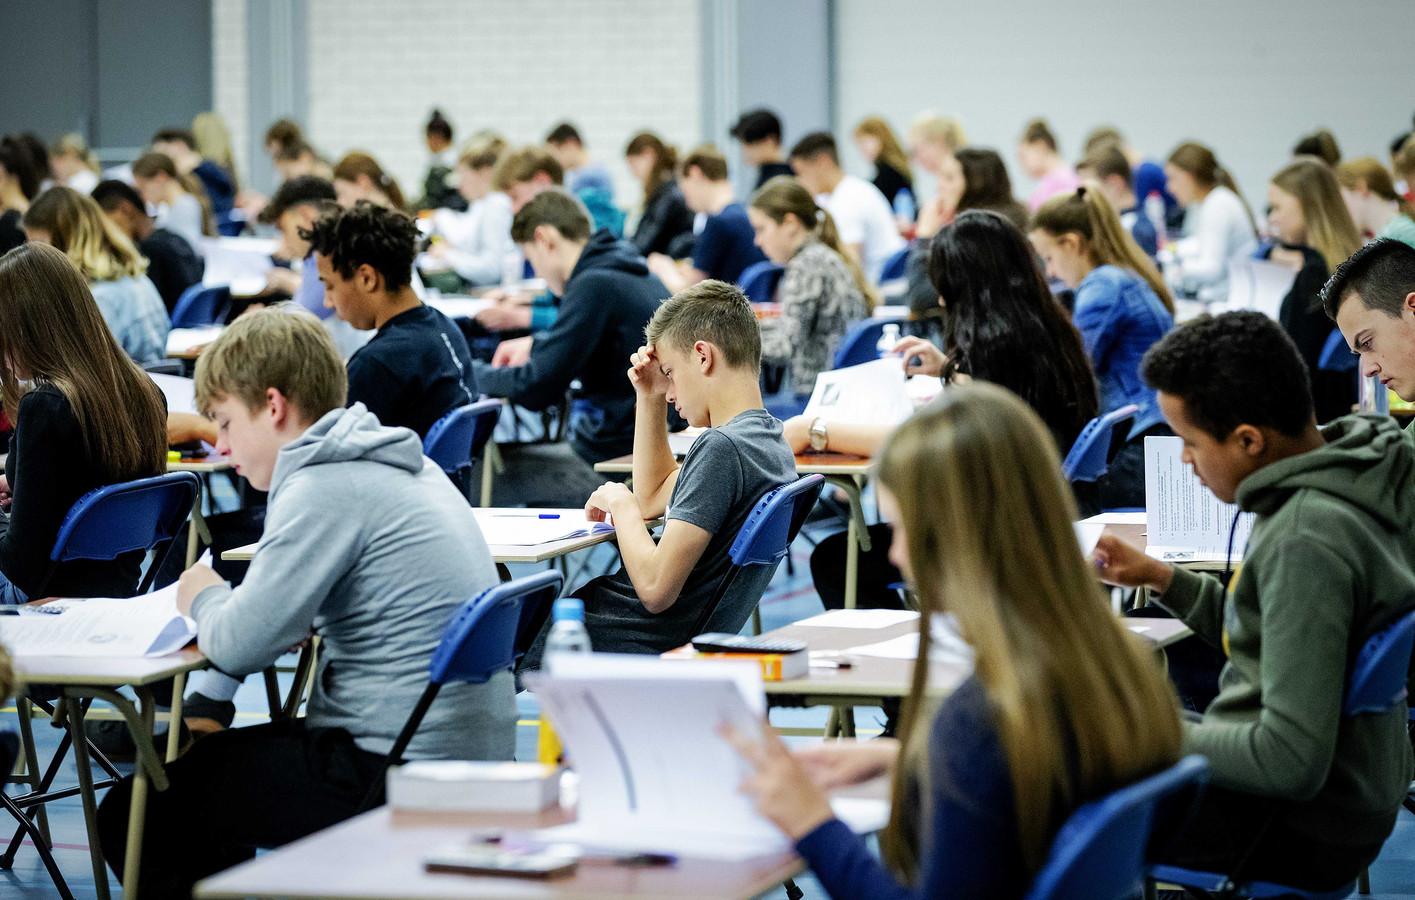 In 2019 maakten leerlingen van middelbare school Walewyc mavo nog op deze manier eindexamen: samen in de gymzaal. Dat kan in 2021 niet, stelt D66.